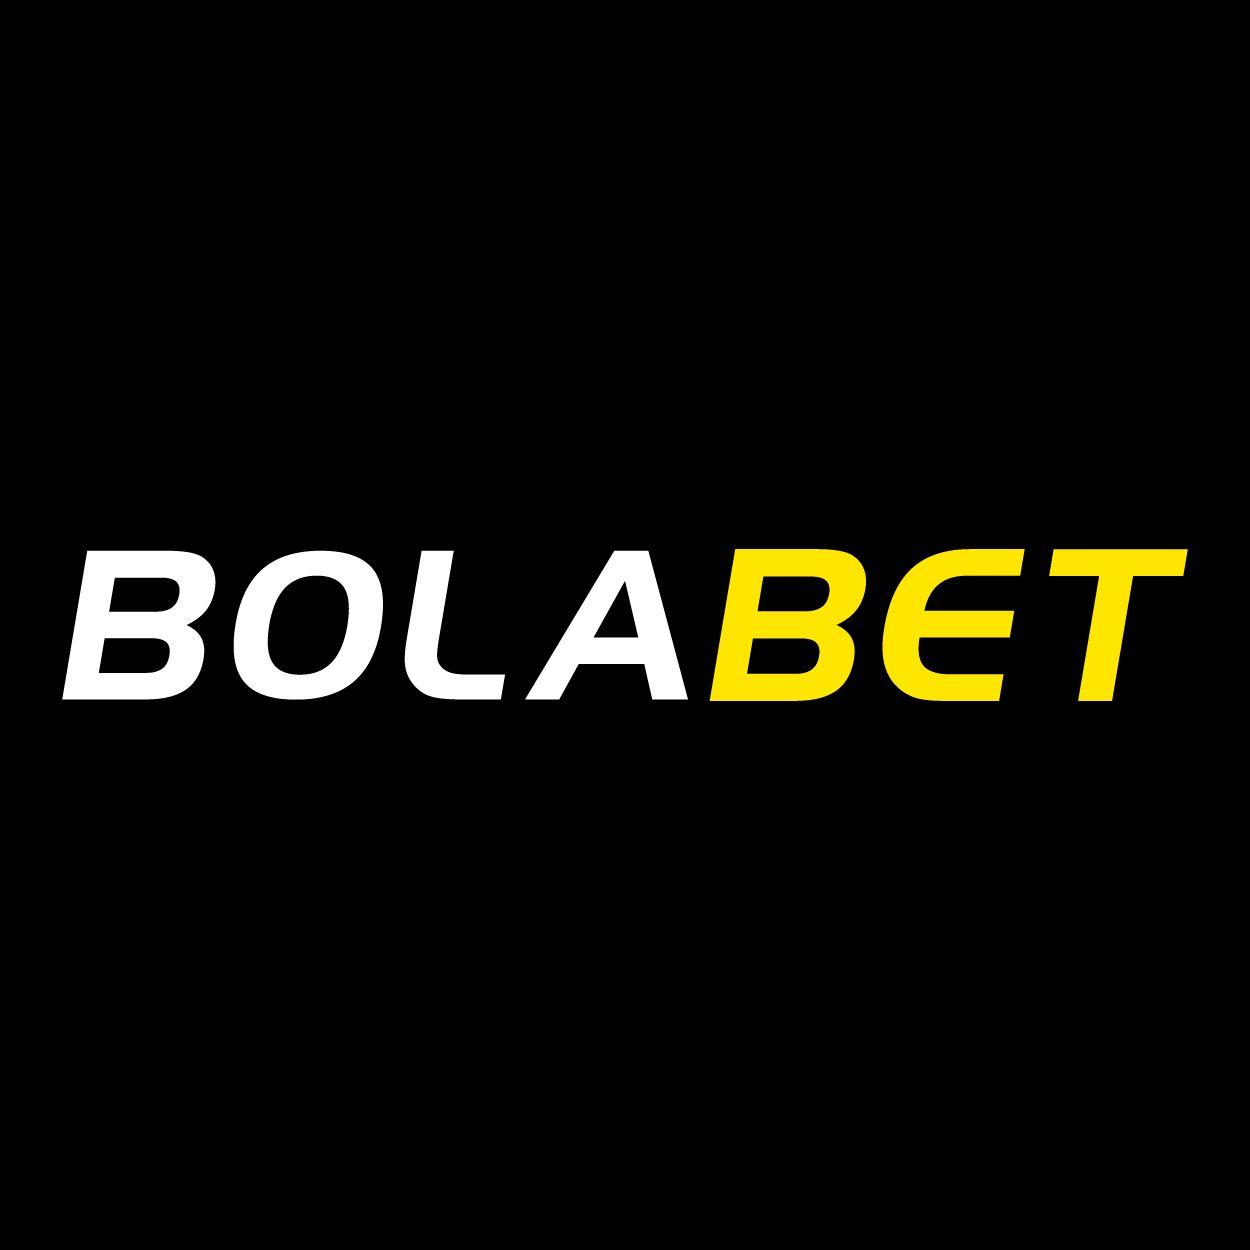 Bolabet Company Limited